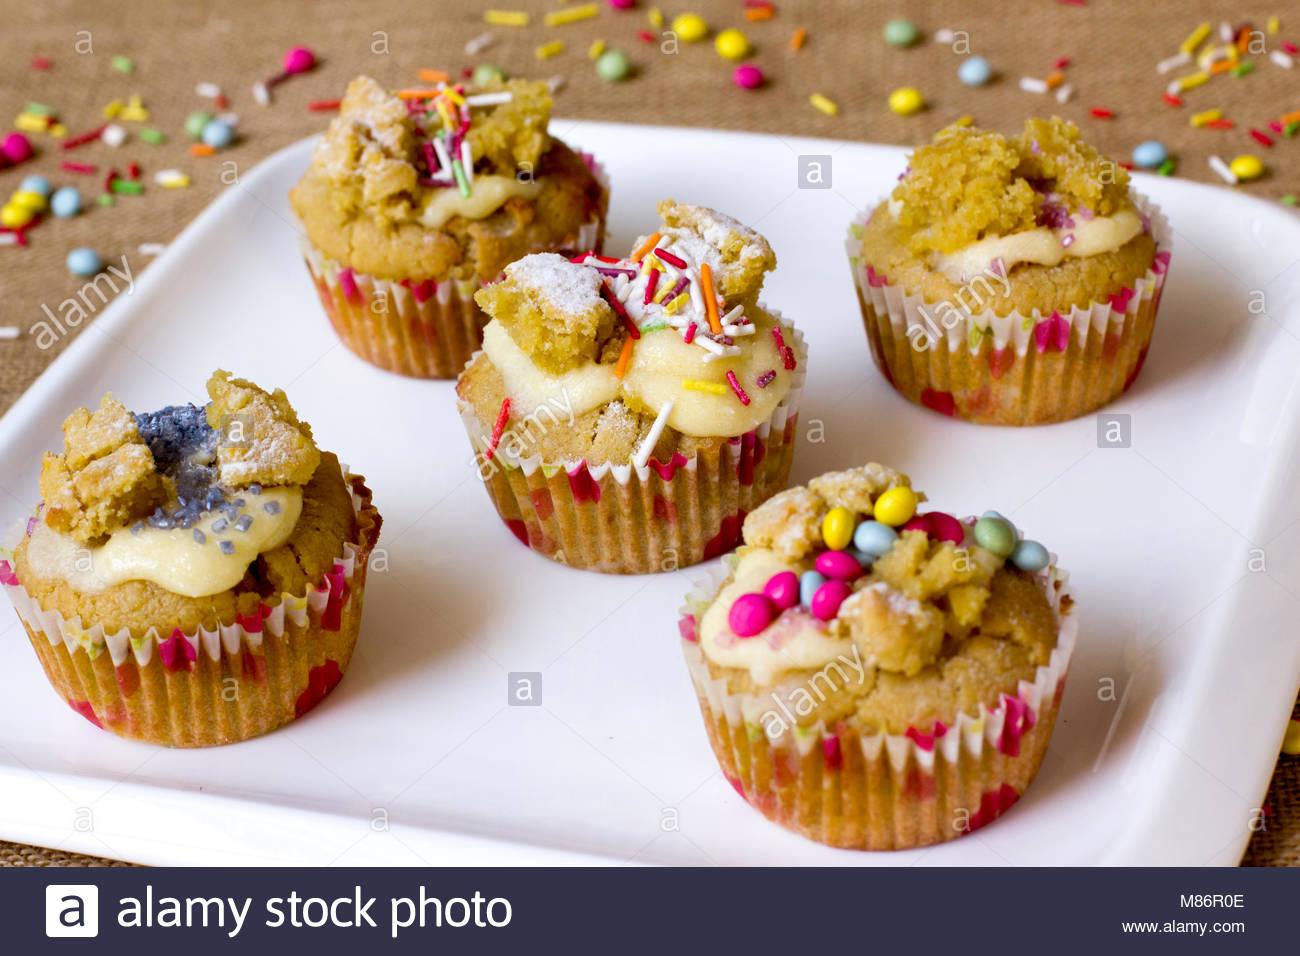 Ausgezeichnet Muffin Färbung Seite Zeitgenössisch - Druckbare ...